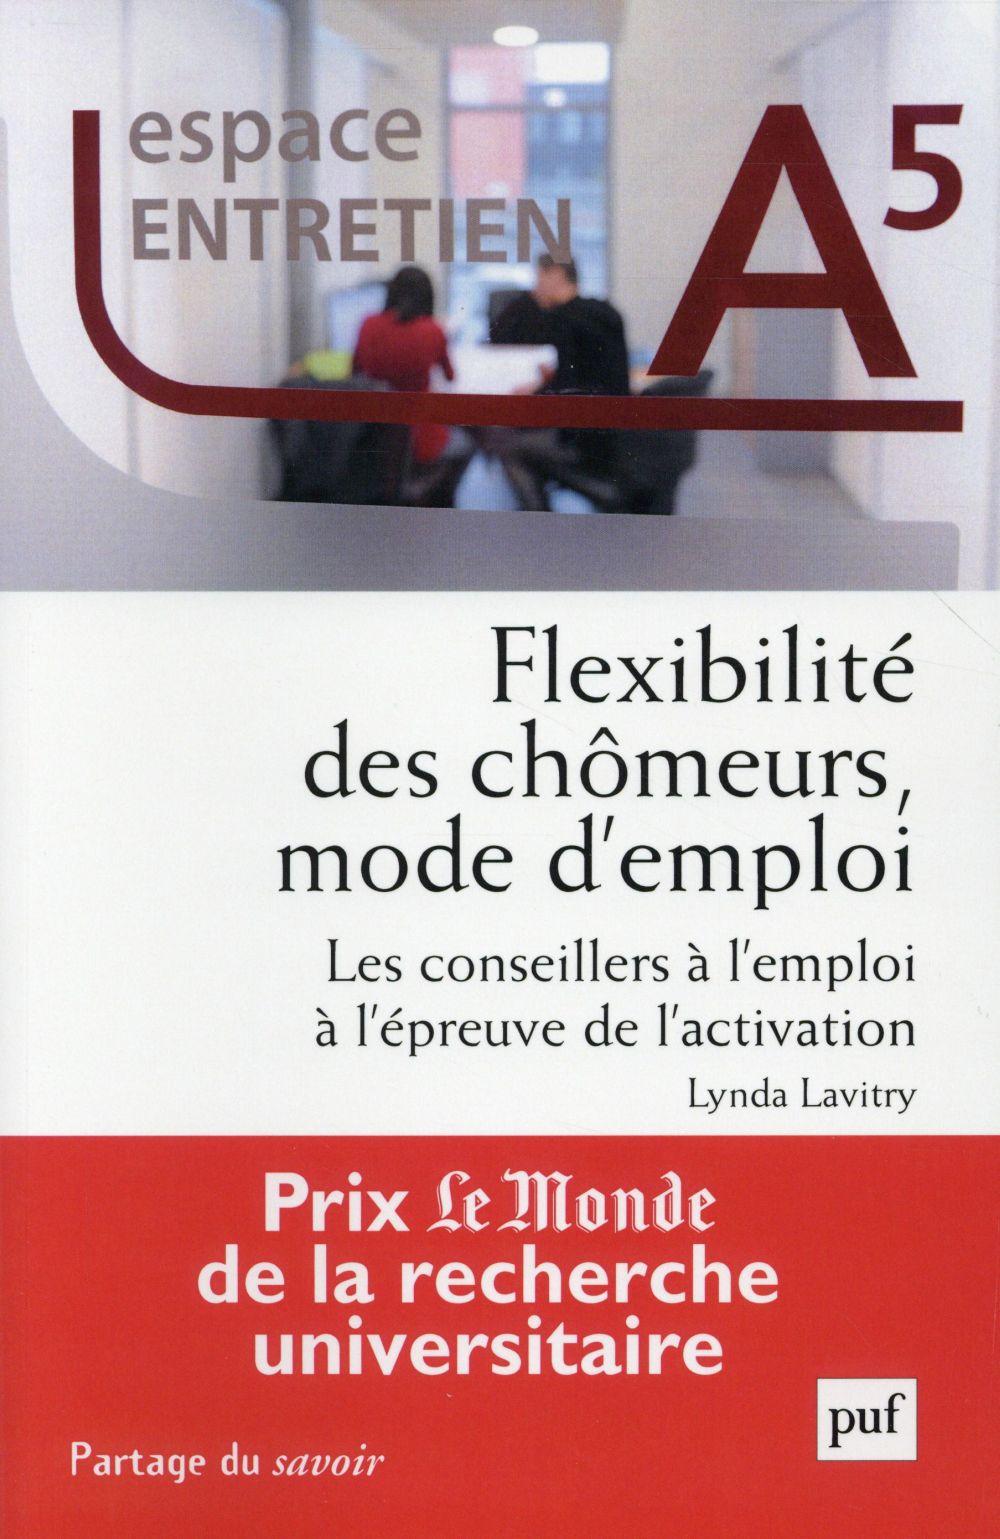 Flexibilité des chômeurs, mode d'emploi